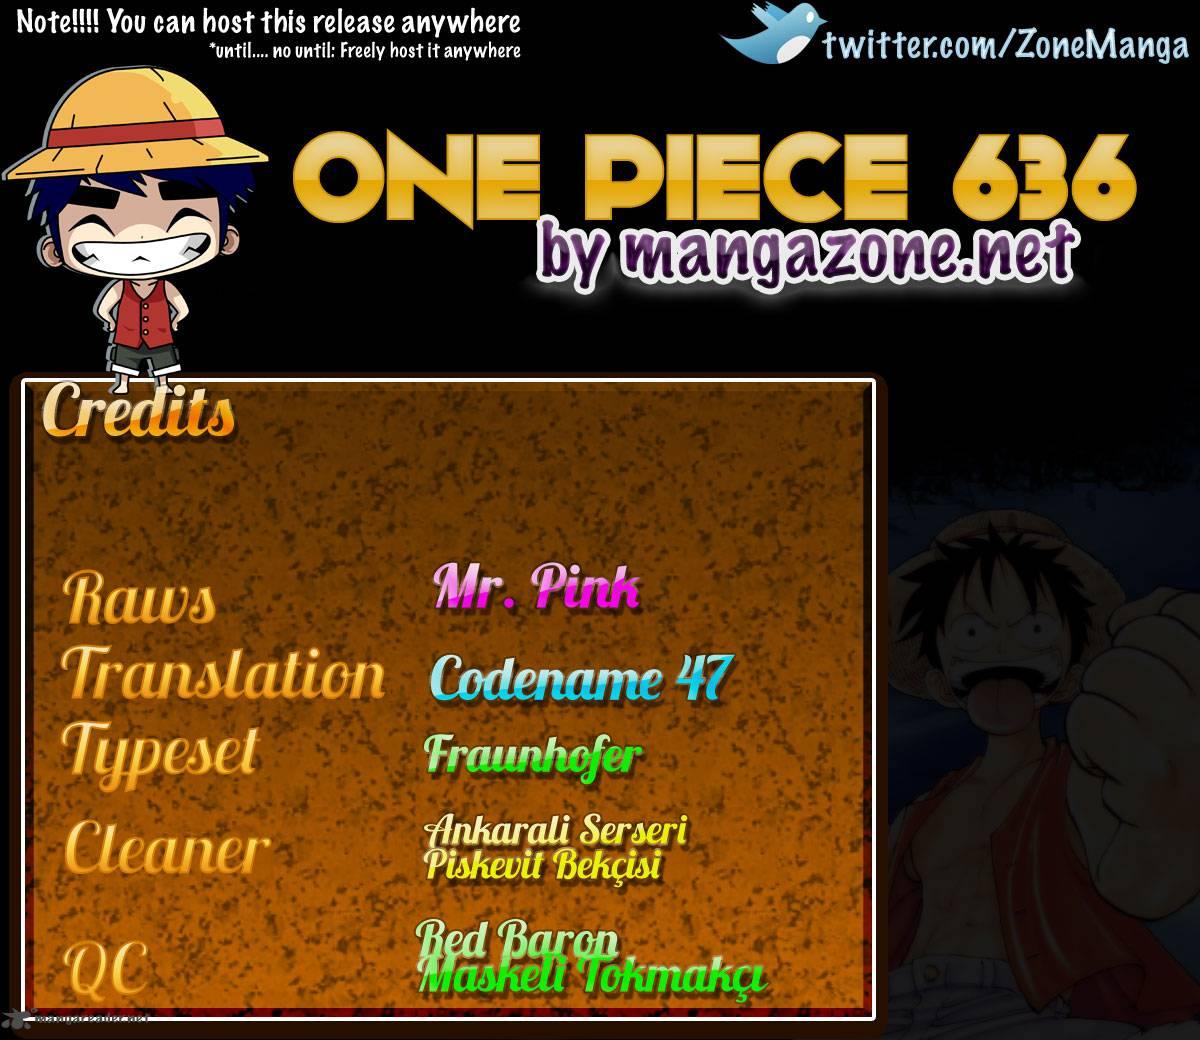 One Piece 636